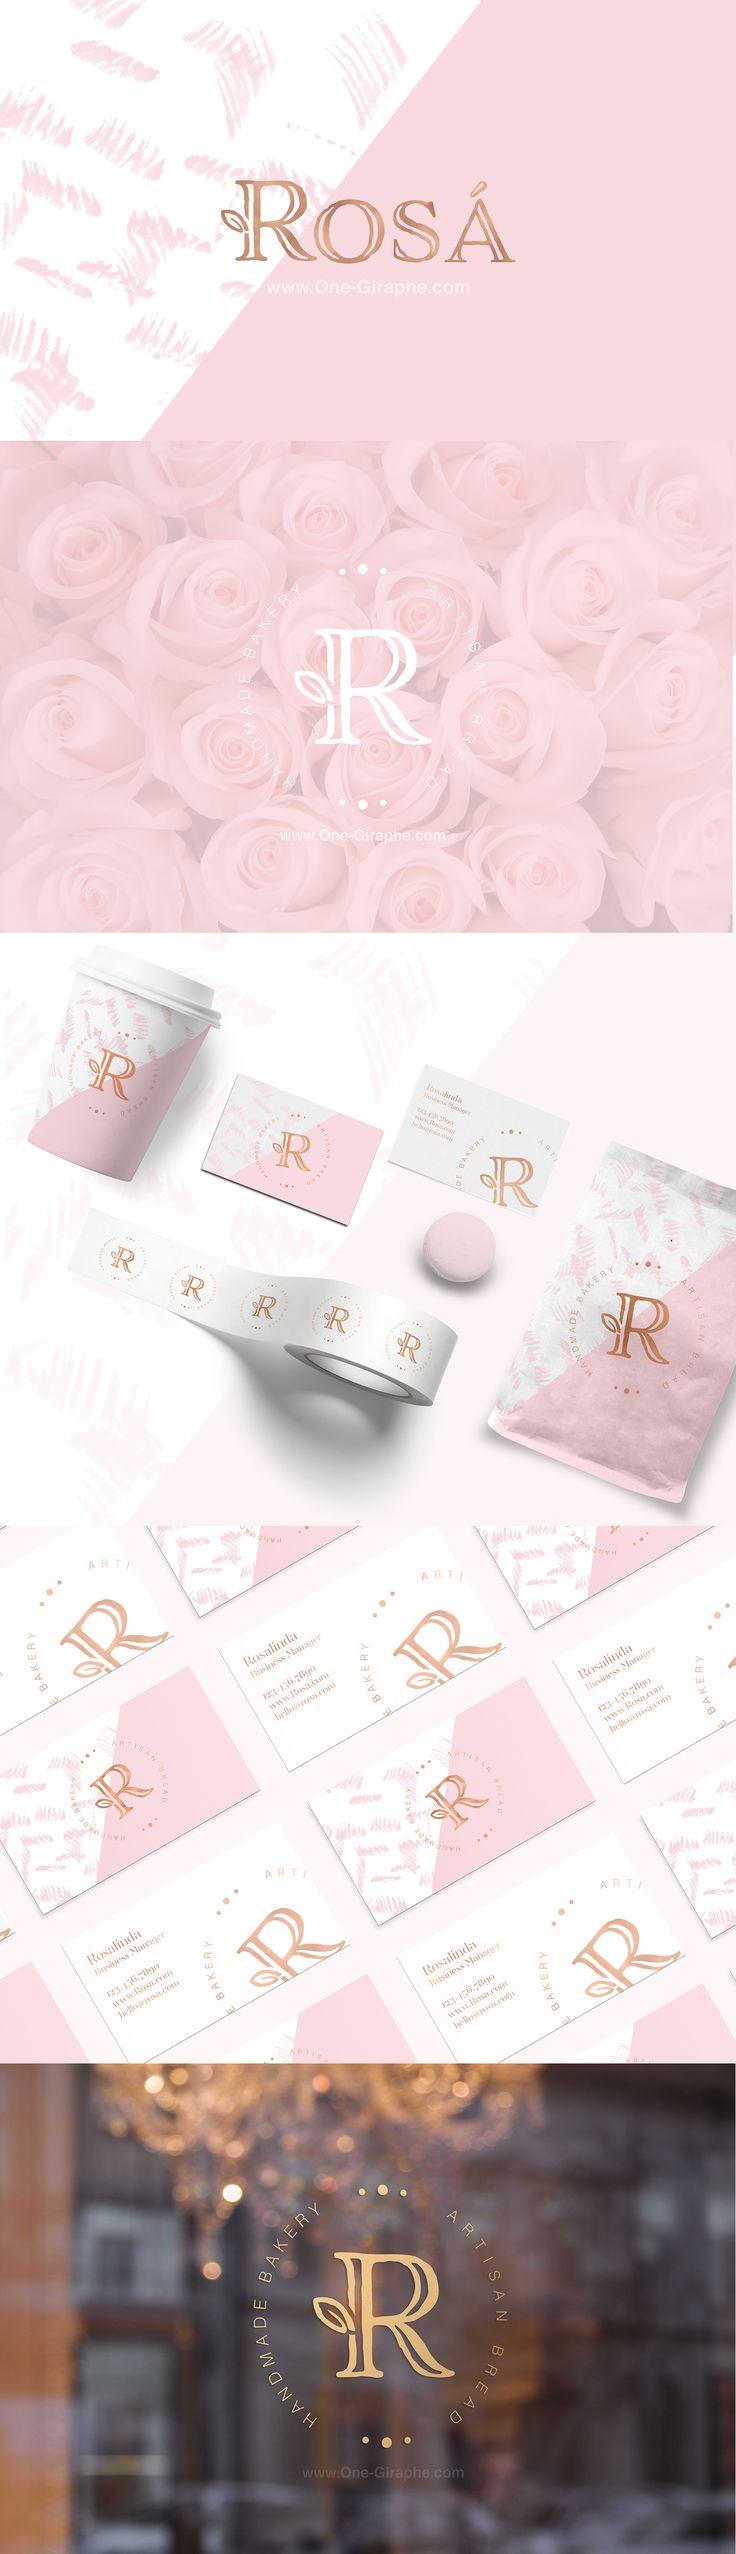 Rosa - logo for sale! www.One-Giraphe.com on Behance